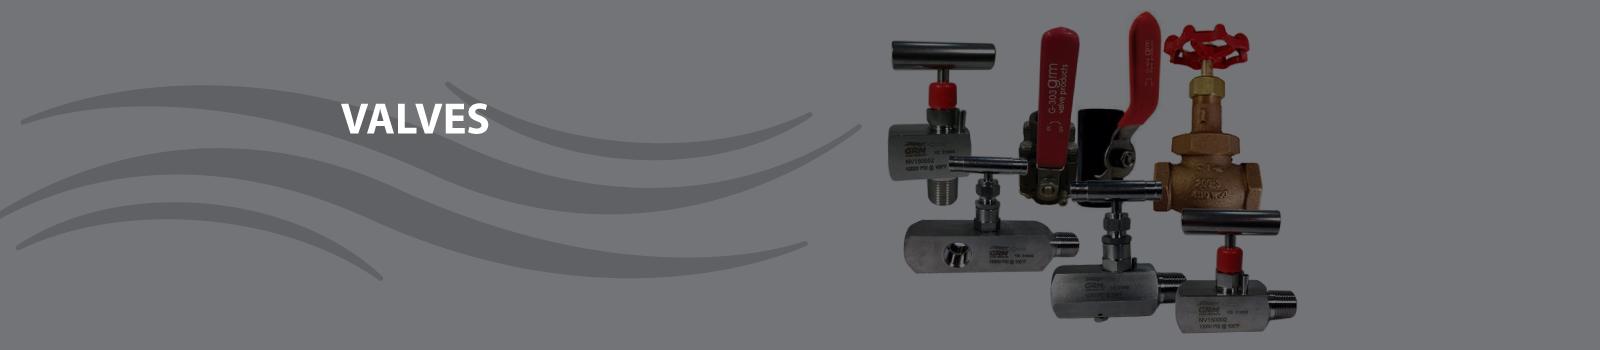 valve banner